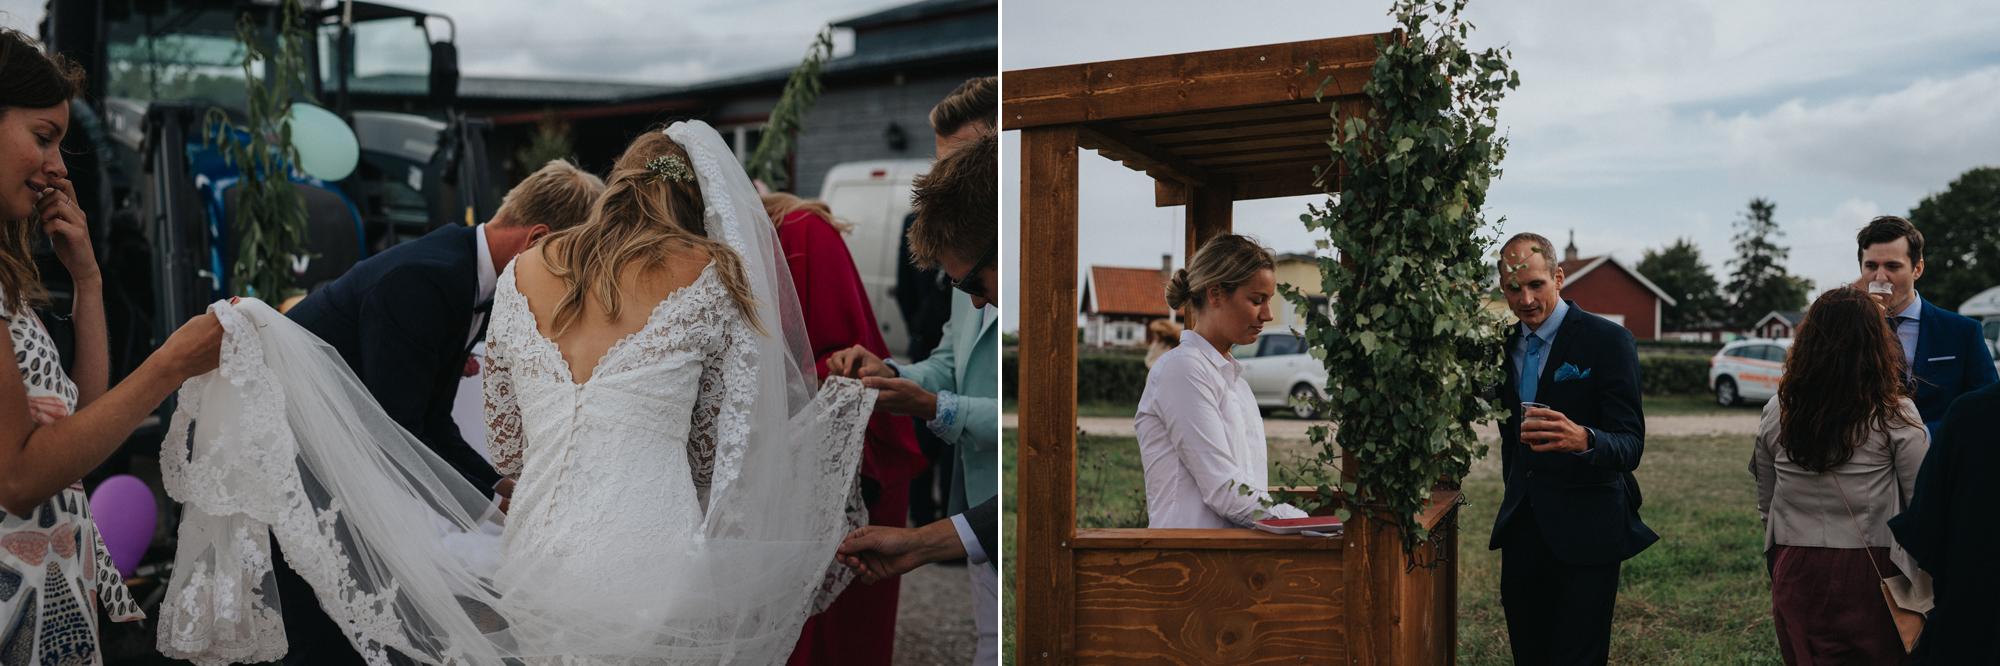 052-bröllopsfotograf-gotland-sjöviksgården.jpg